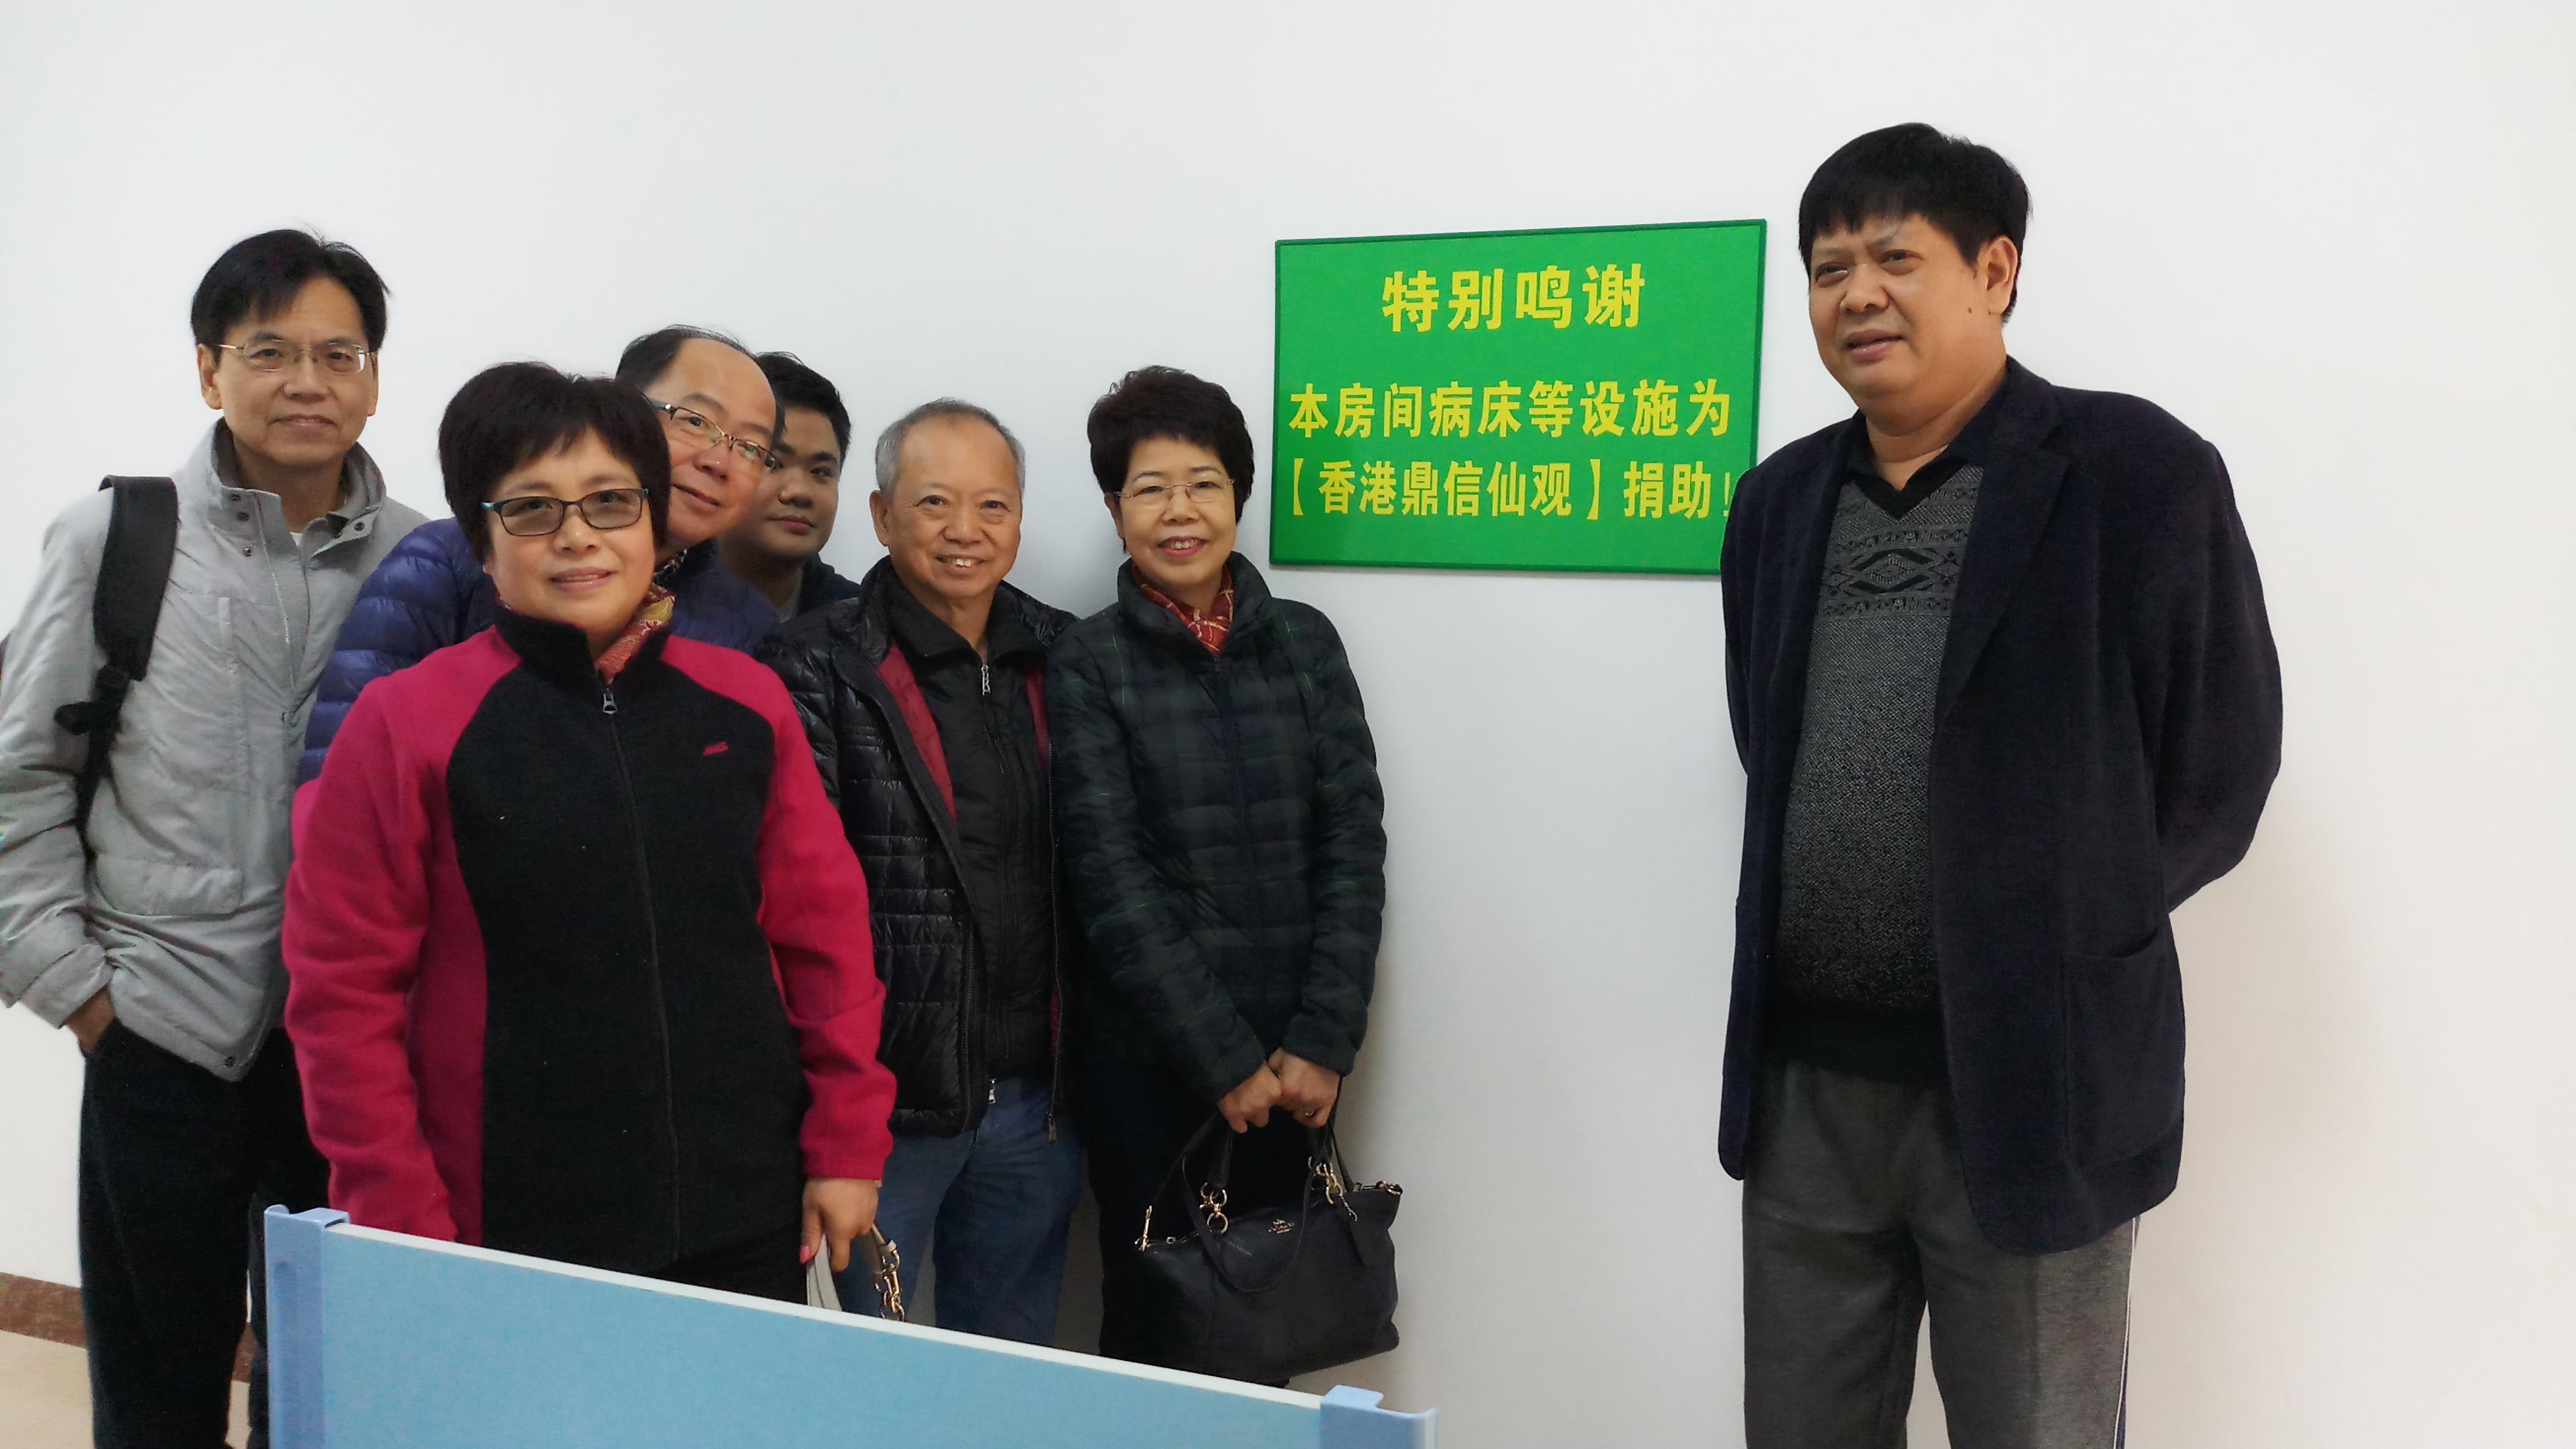 探訪大站鼎信醫院舉行捐贈病床儀式3.jpg